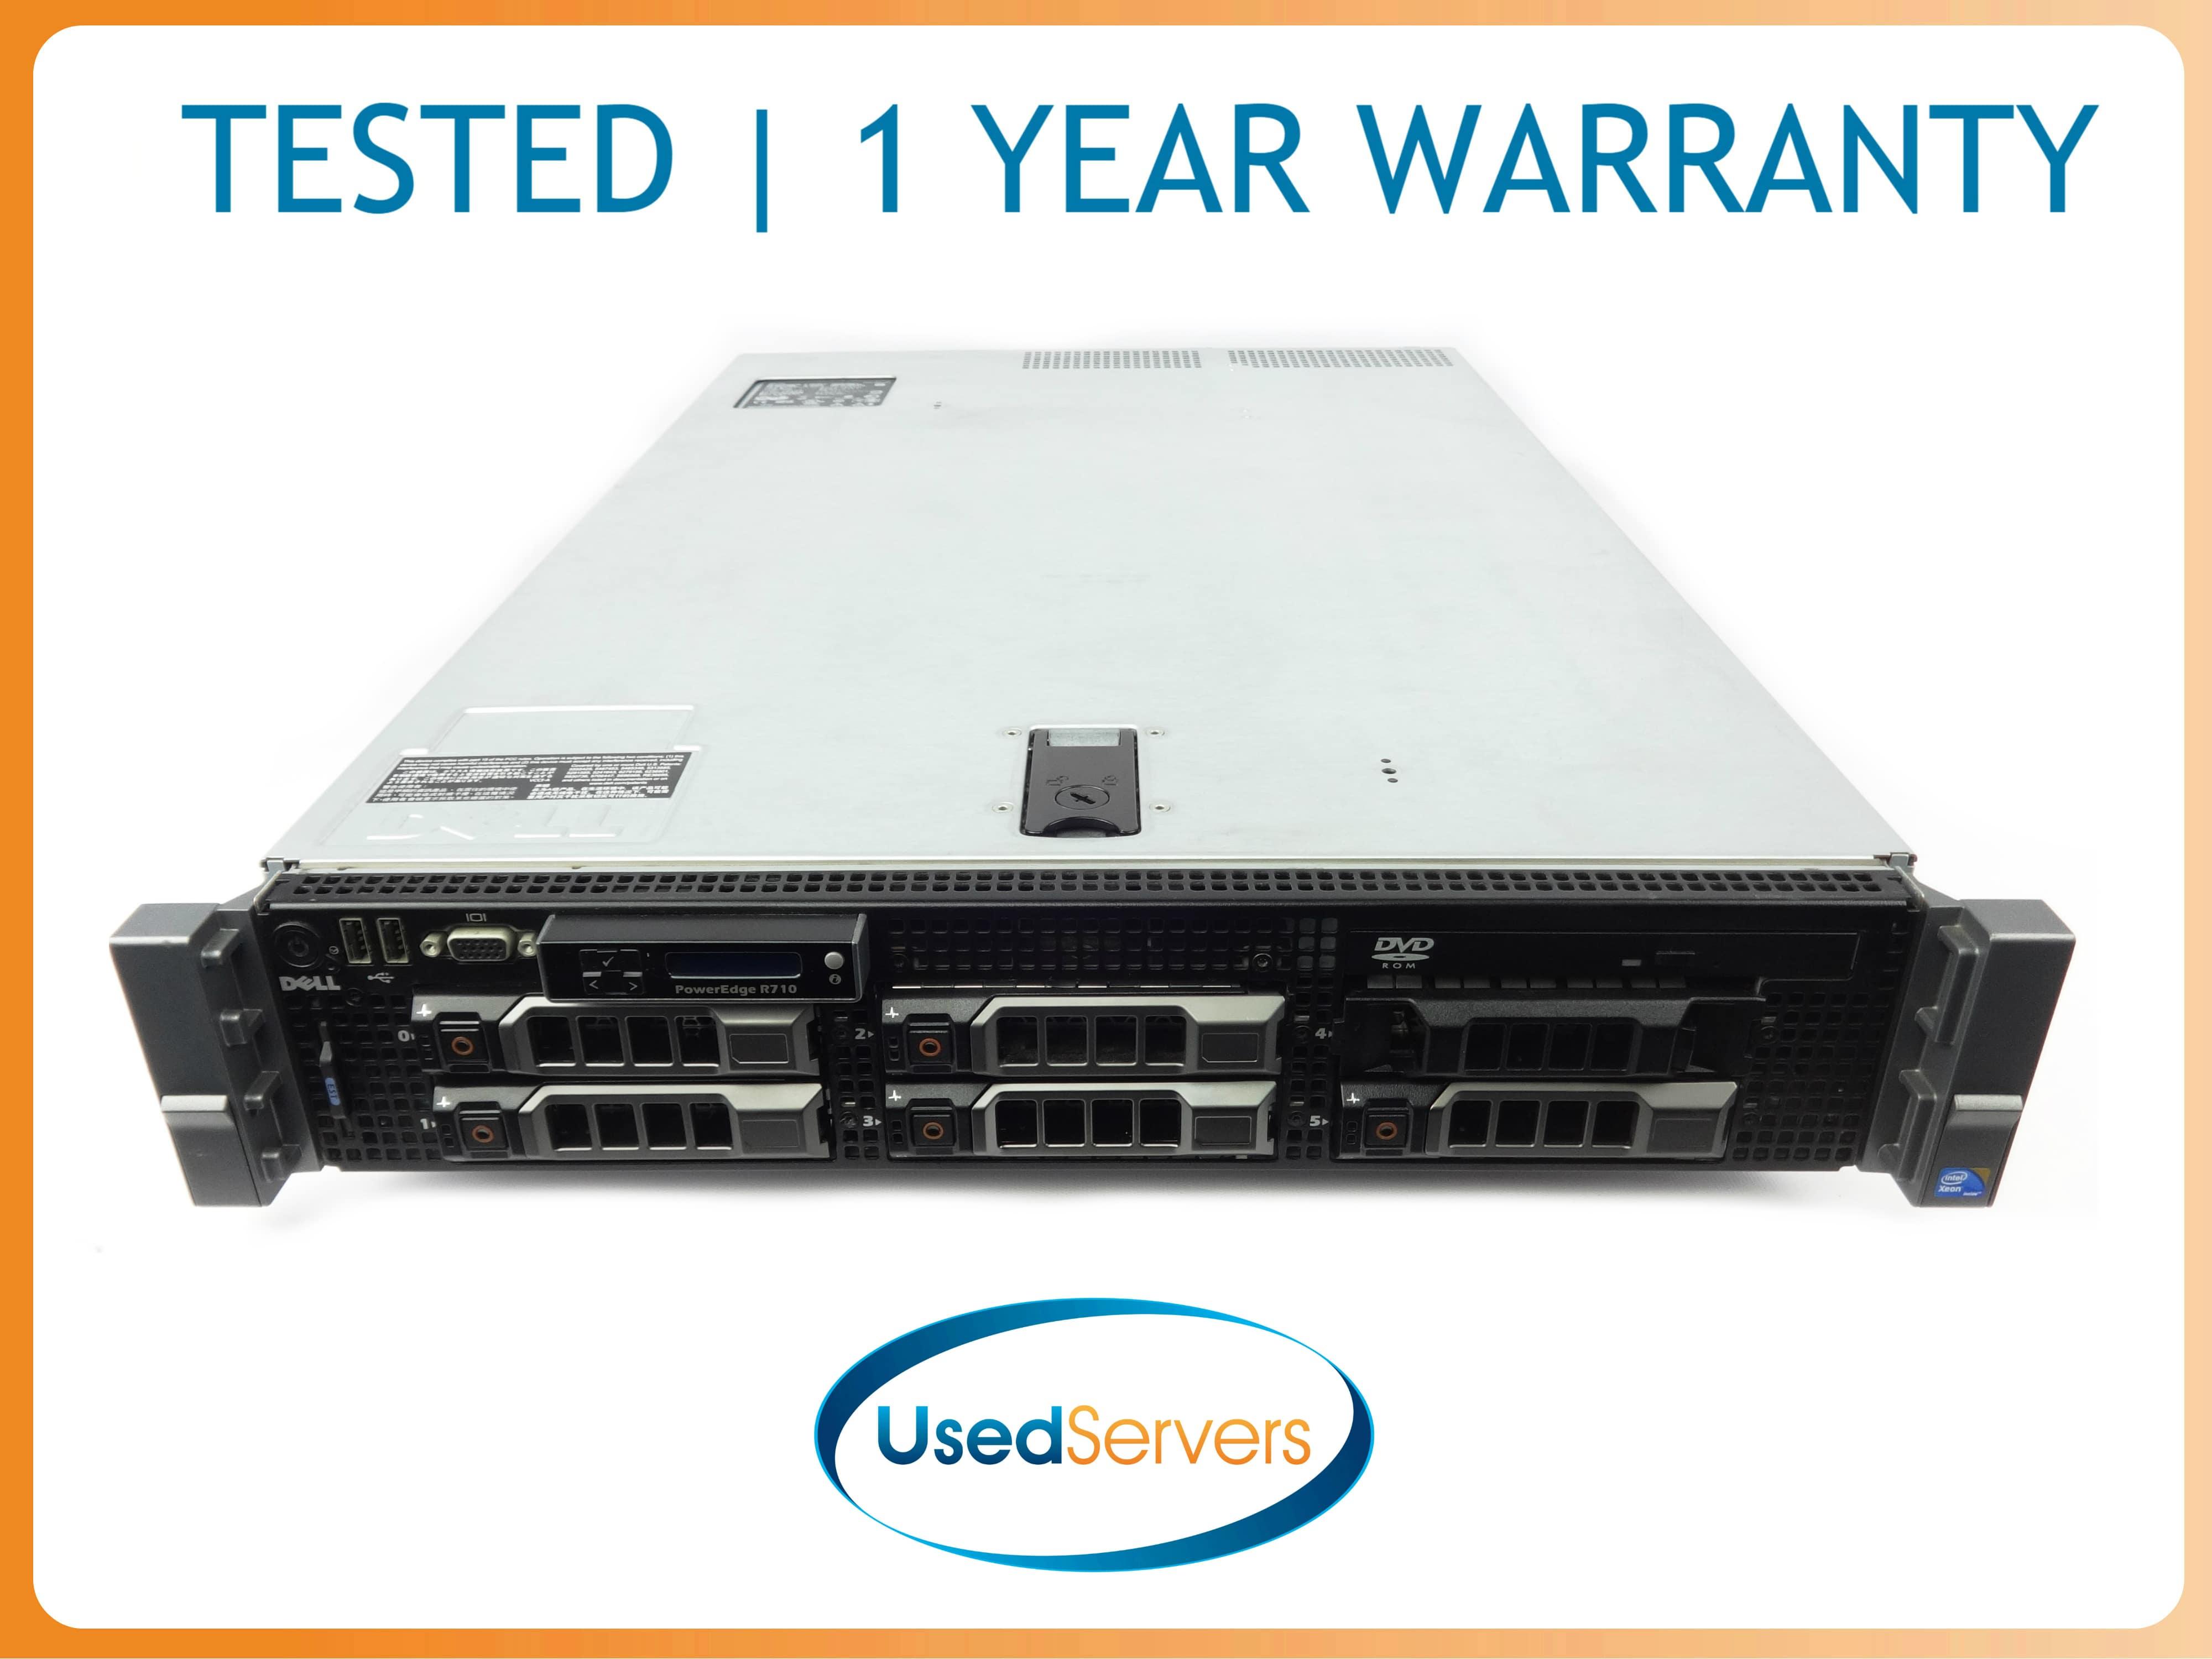 Dell PowerEdge R710 Virtualization Server 2.8ghz 12-Core Perc6i 2TB 48gb